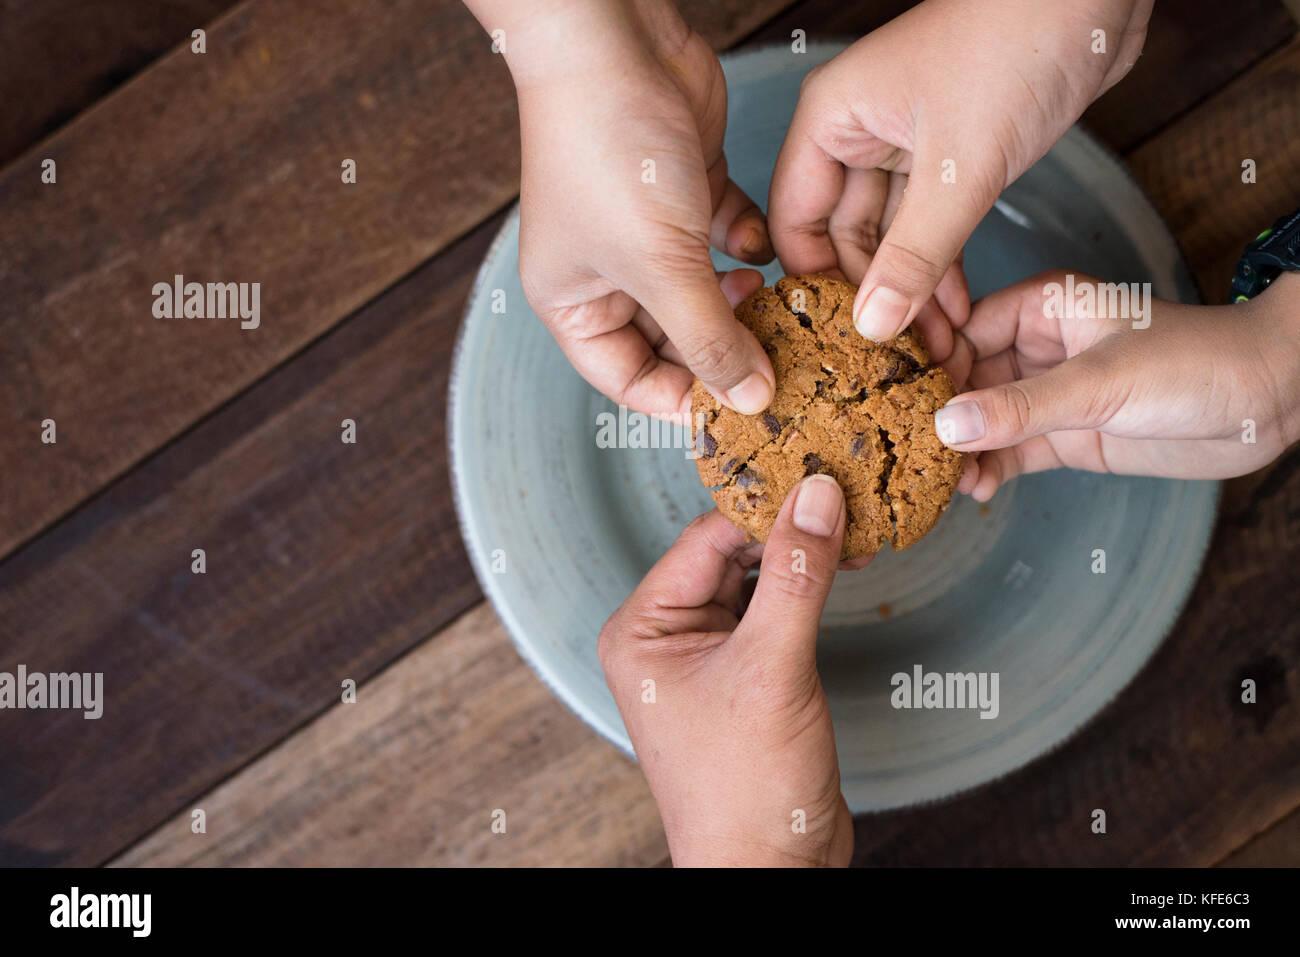 Sharing Konzept - Familie gemeinsame Nutzung von Cookies Stockbild